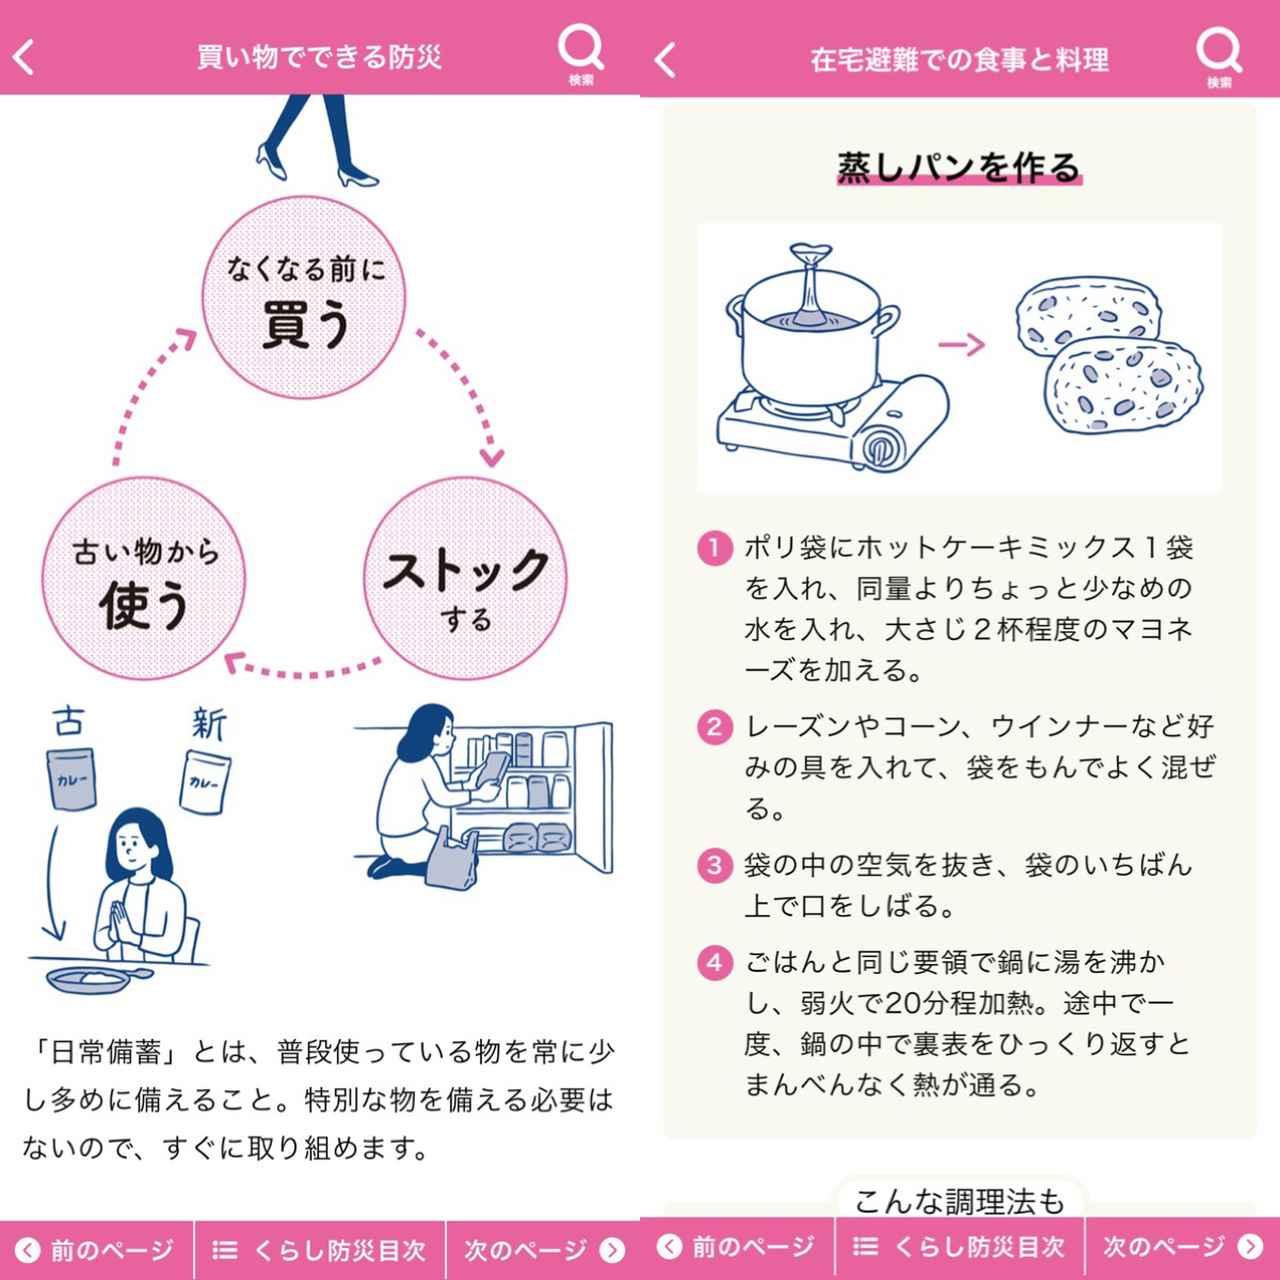 画像3: 「東京くらし防災モード」では生活の中でする防災を学べます。